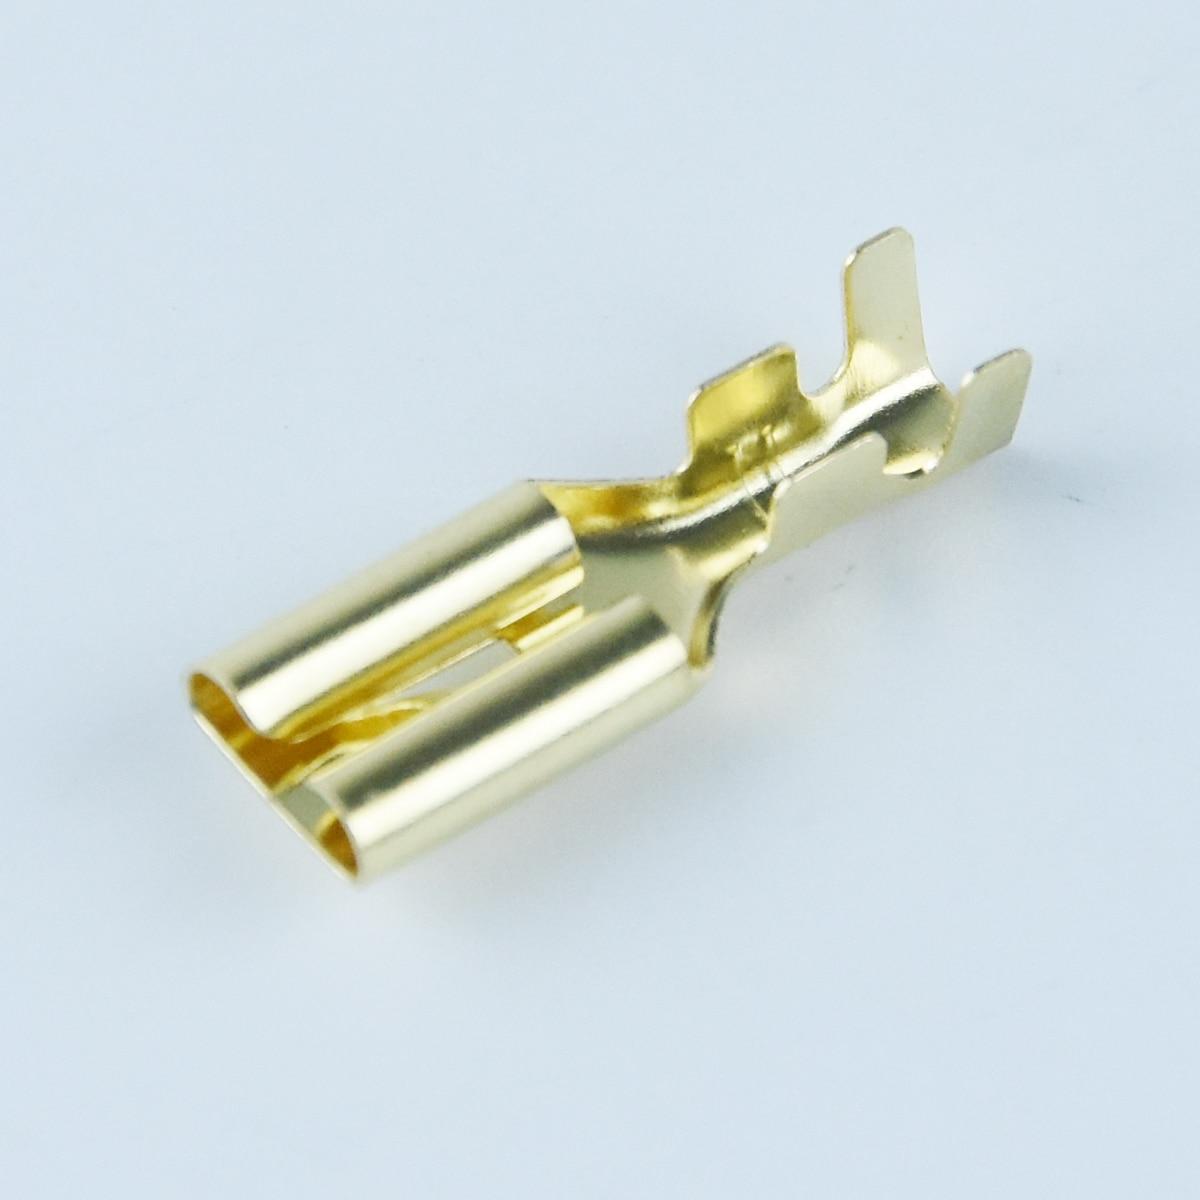 25 PCS Gold Tone Male Spade Crimp Terminals 7.8mm Wiring Connectors